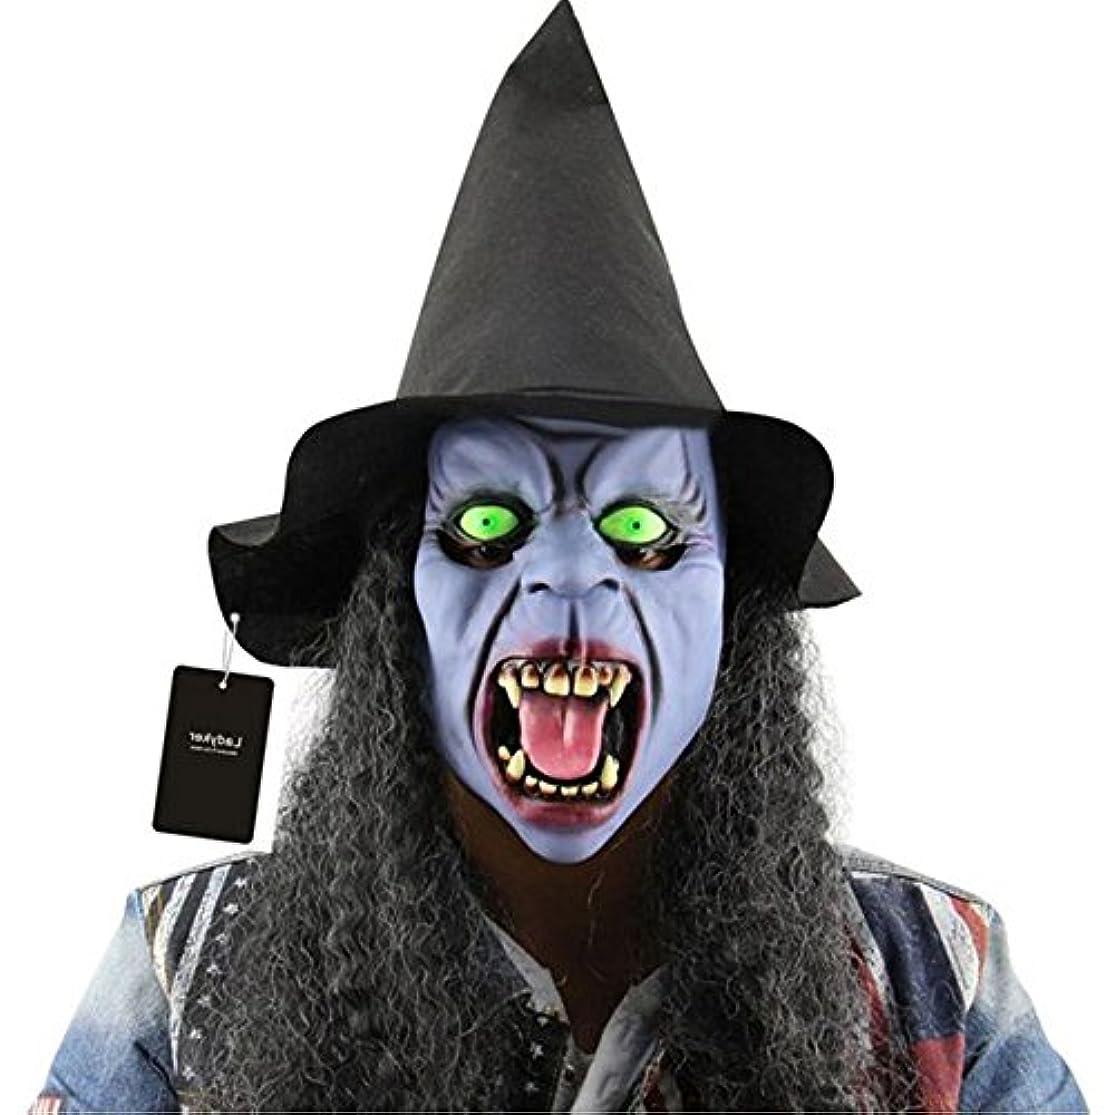 離れた使役トランジスタAuntwhale ハロウィーンマスク大人恐怖コスチューム、ホラー夜の魔女ファンシーマスカレードパーティハロウィンマスク、フェスティバル通気性ギフトヘッドマスク